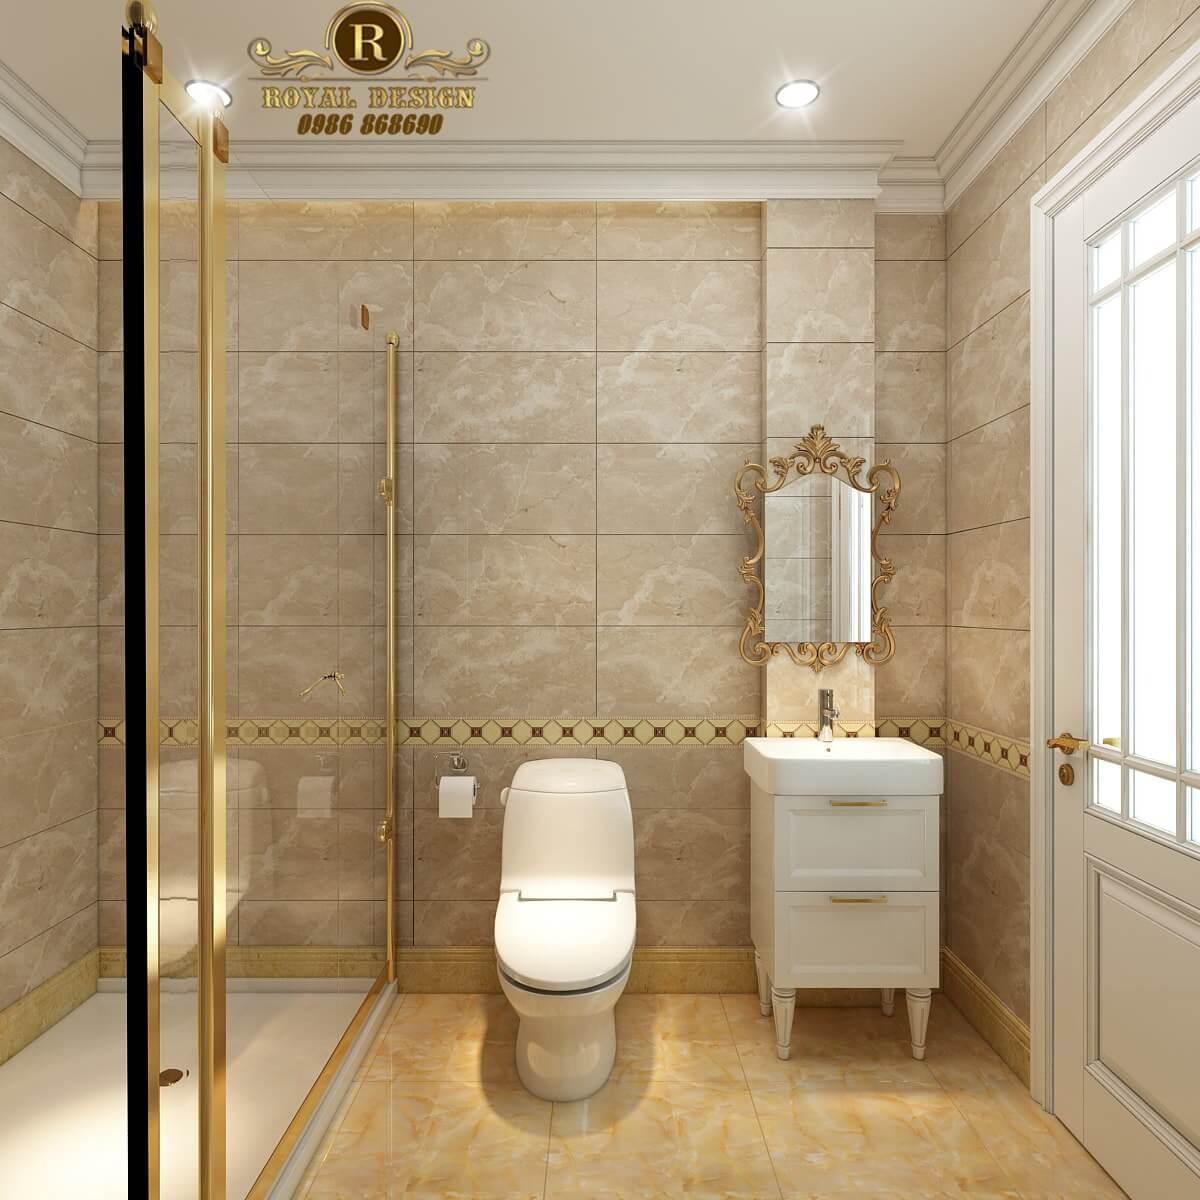 Thiết kế nội thất phòng tắm tân cổ điển